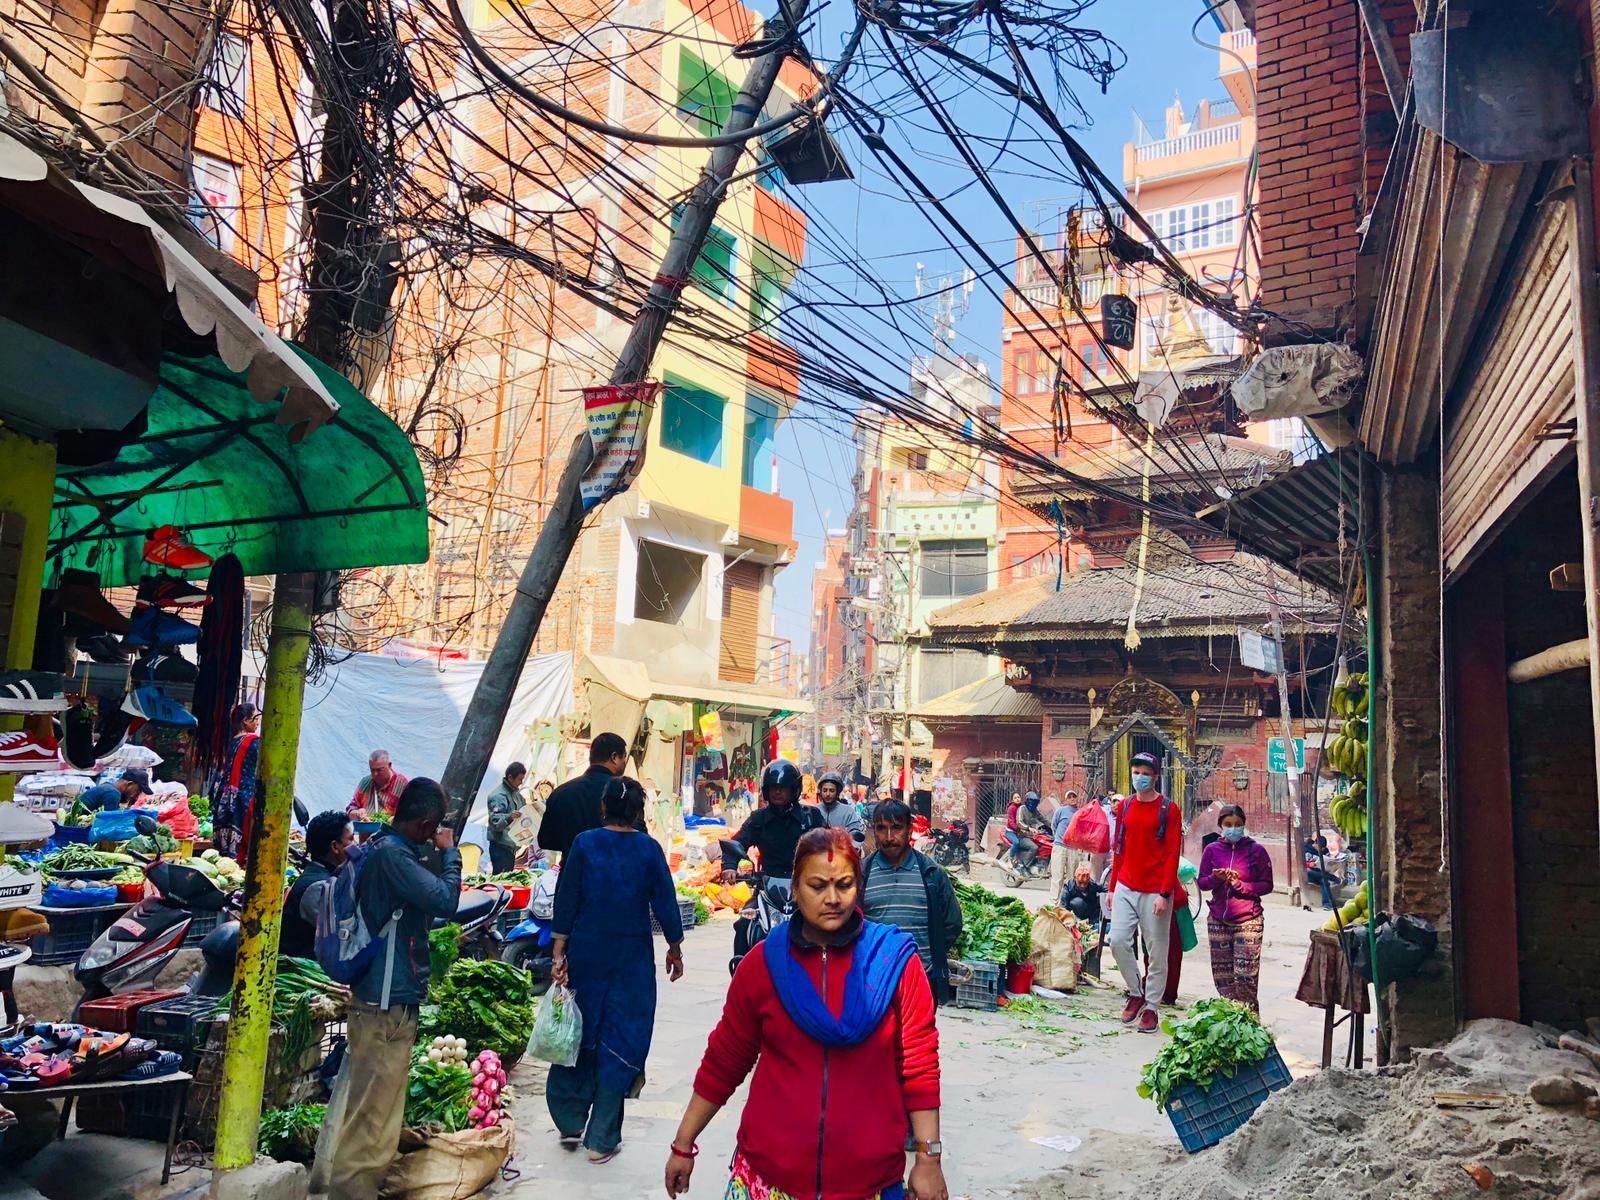 viaggio-in-nepal-2cf0b76fcd926e3fa4ae4a7